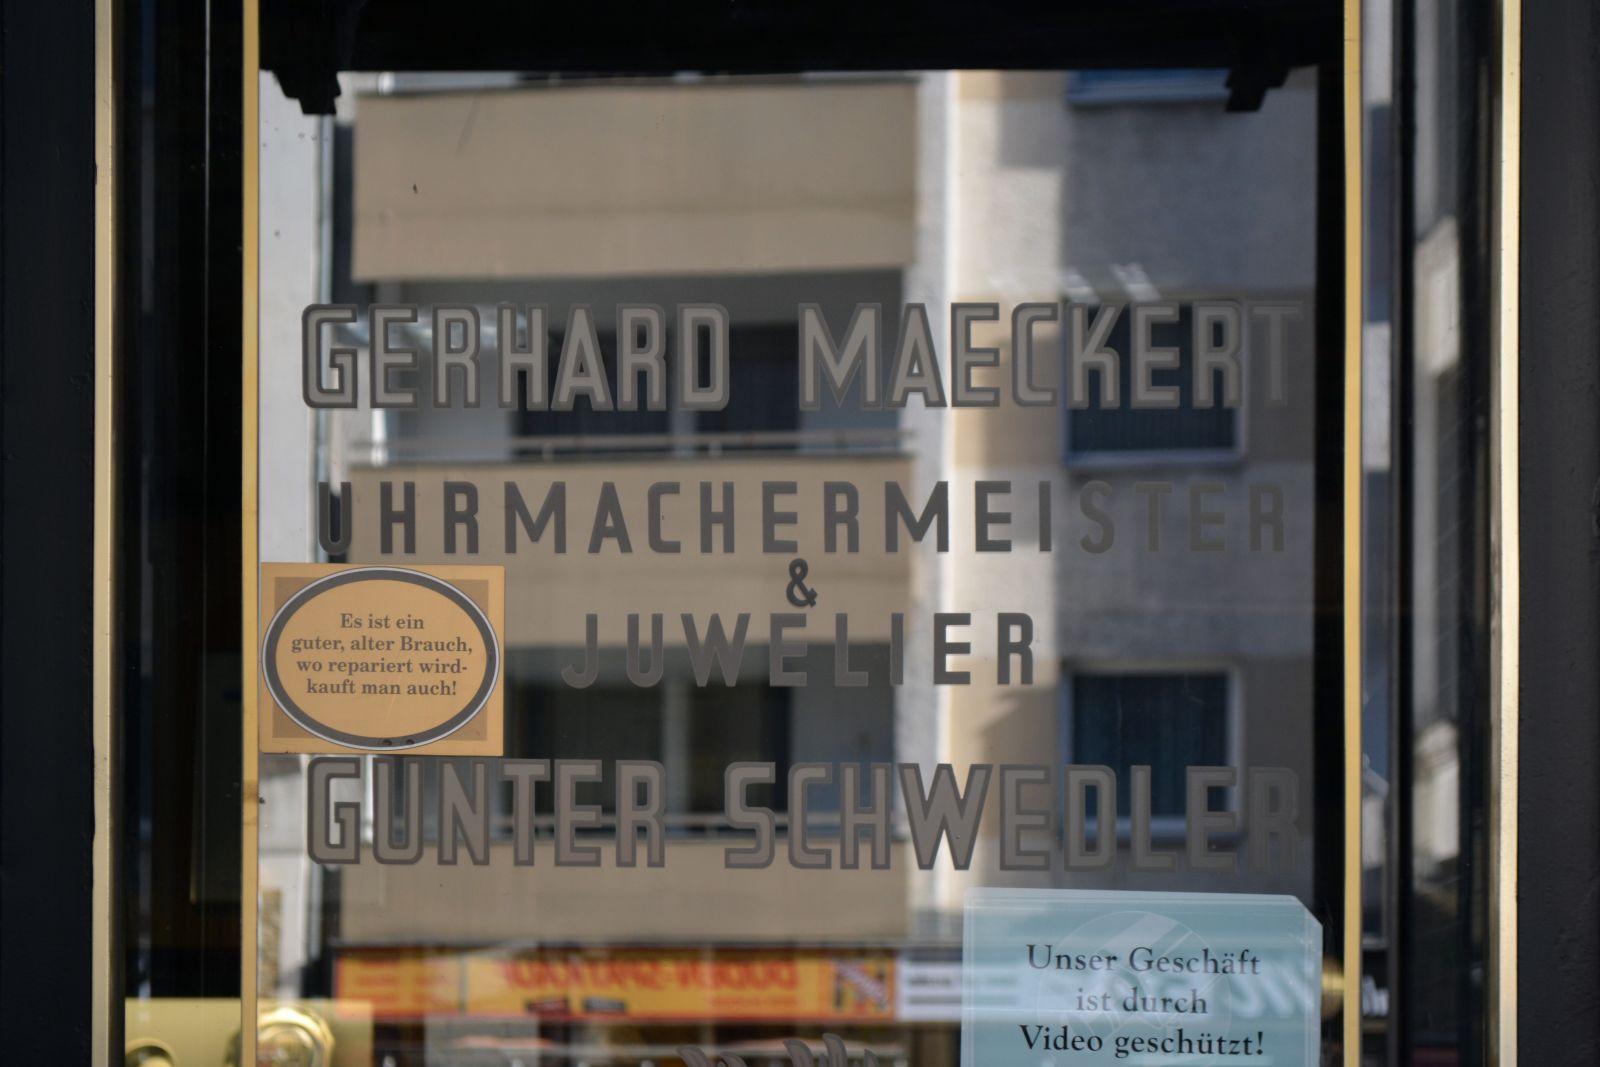 Gerhard Maeckert Uhrmachermeister & Juwelier Günter Schwedler